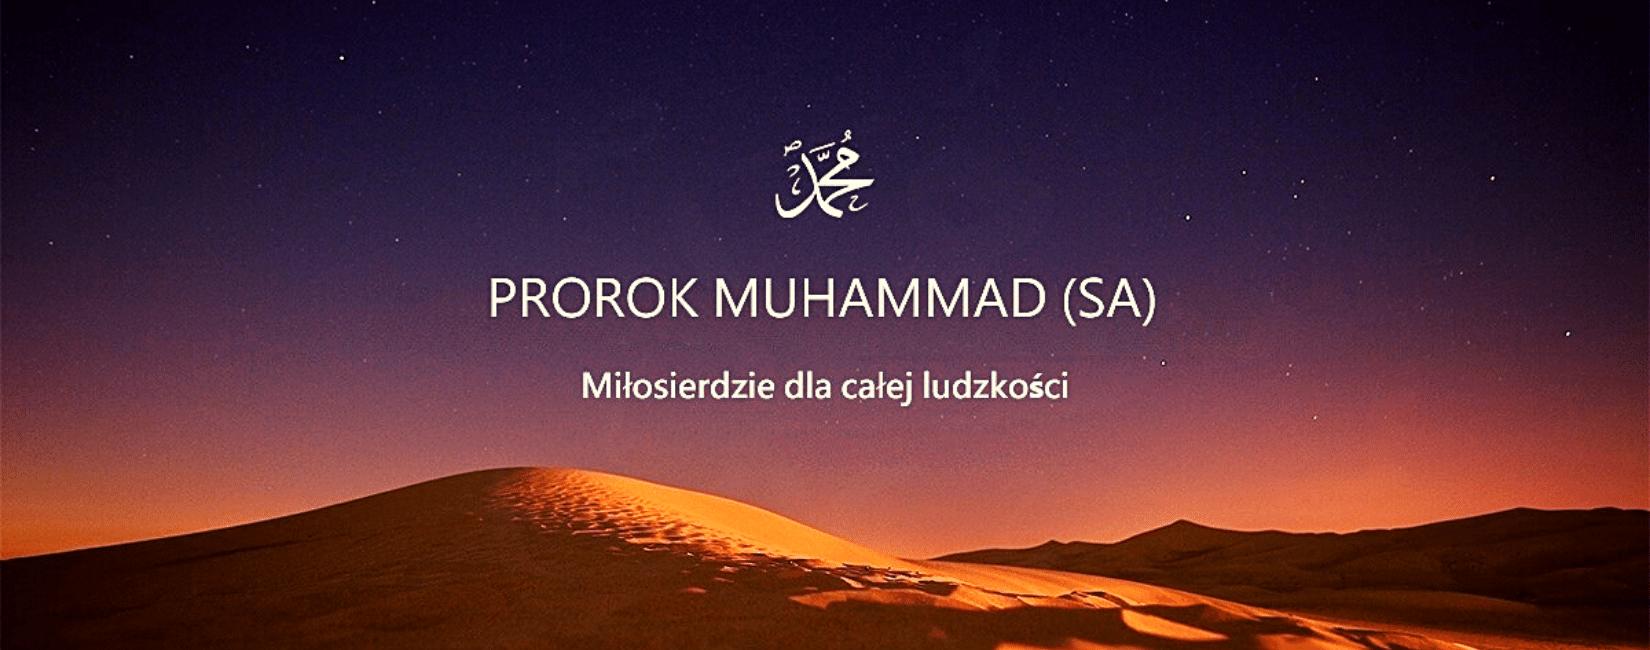 Prorok Muhammad saw. Miłość dla całej ludzkości